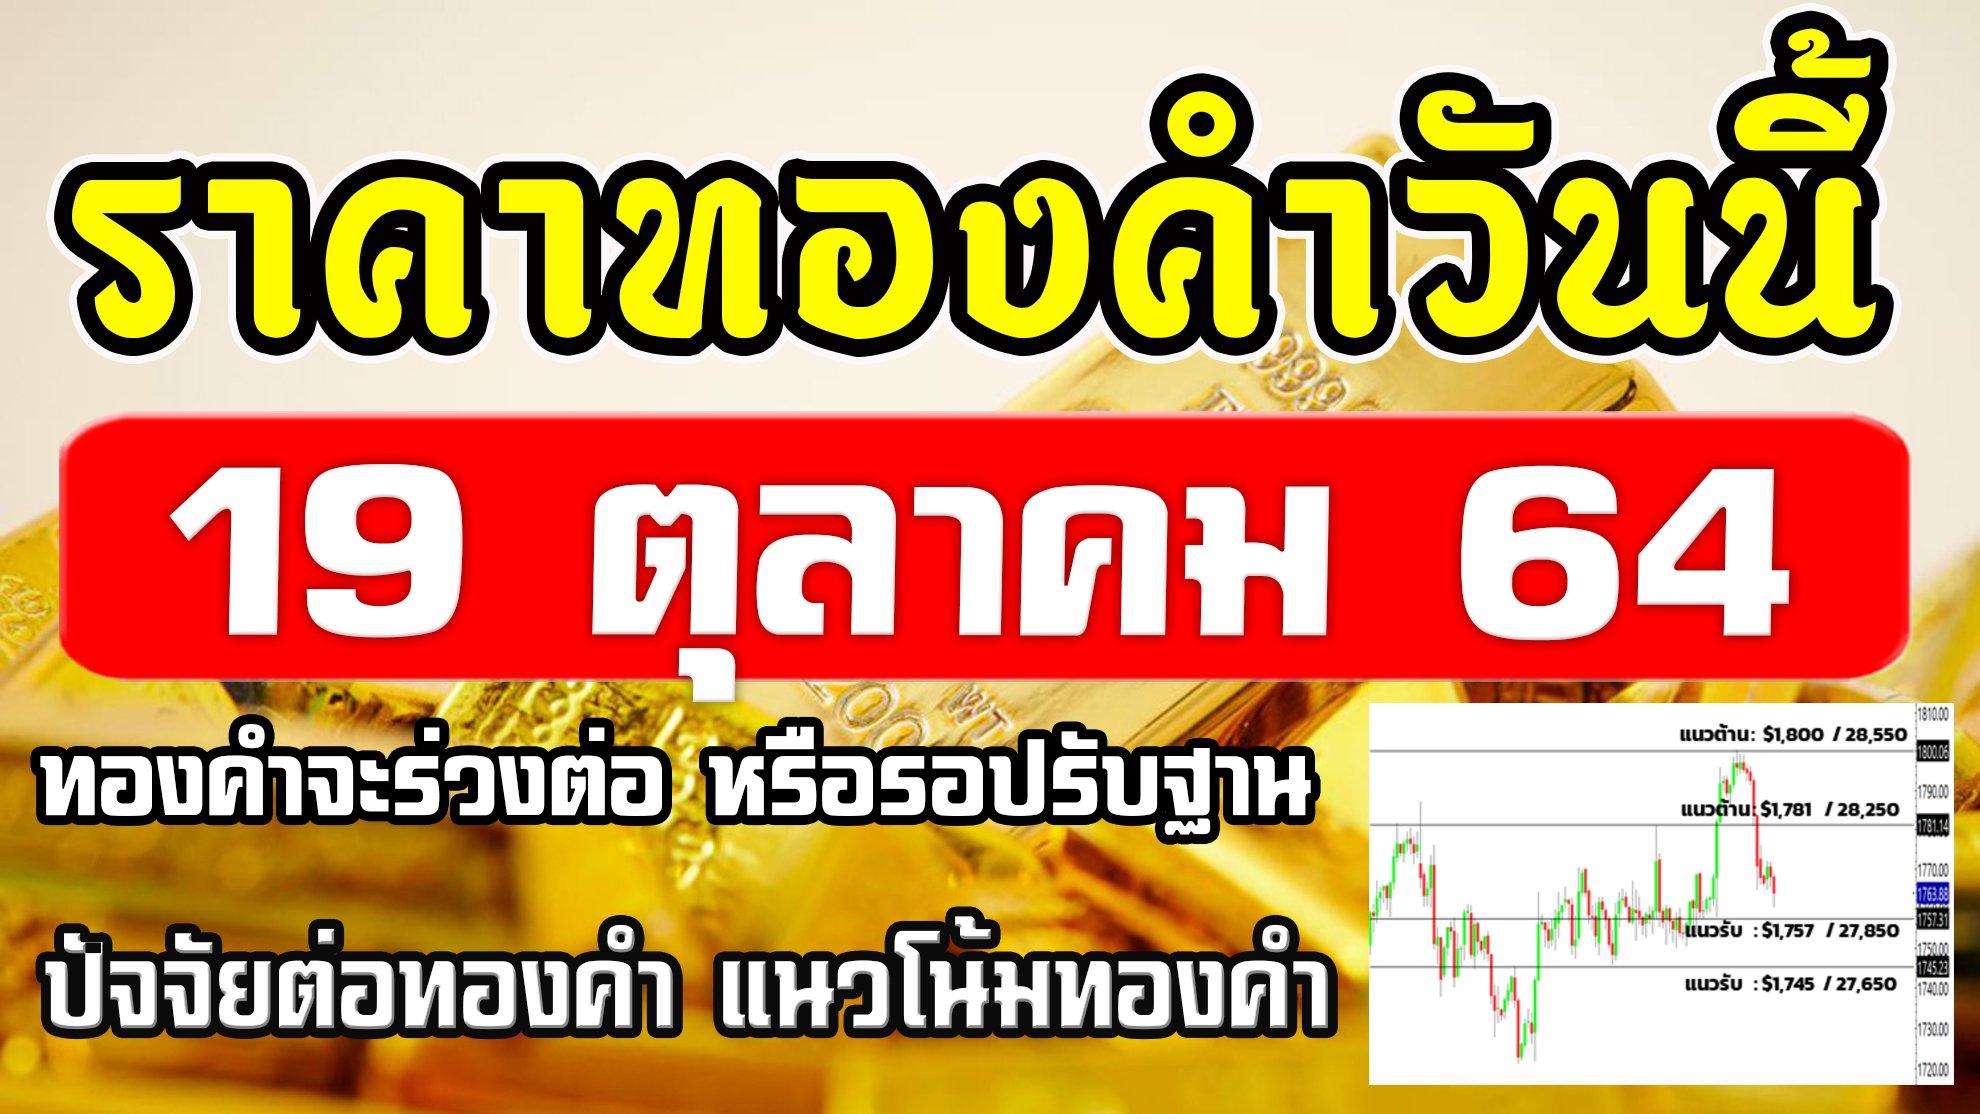 ราคาทองวันนี้ 19ต.ค.64 แนวโน้มทองคำ ราคาทองคำวันนี้ วิเคราะห์ทองคำ ปัจจัยทองคำ 19/10/64 ราคาทอง Gold Price